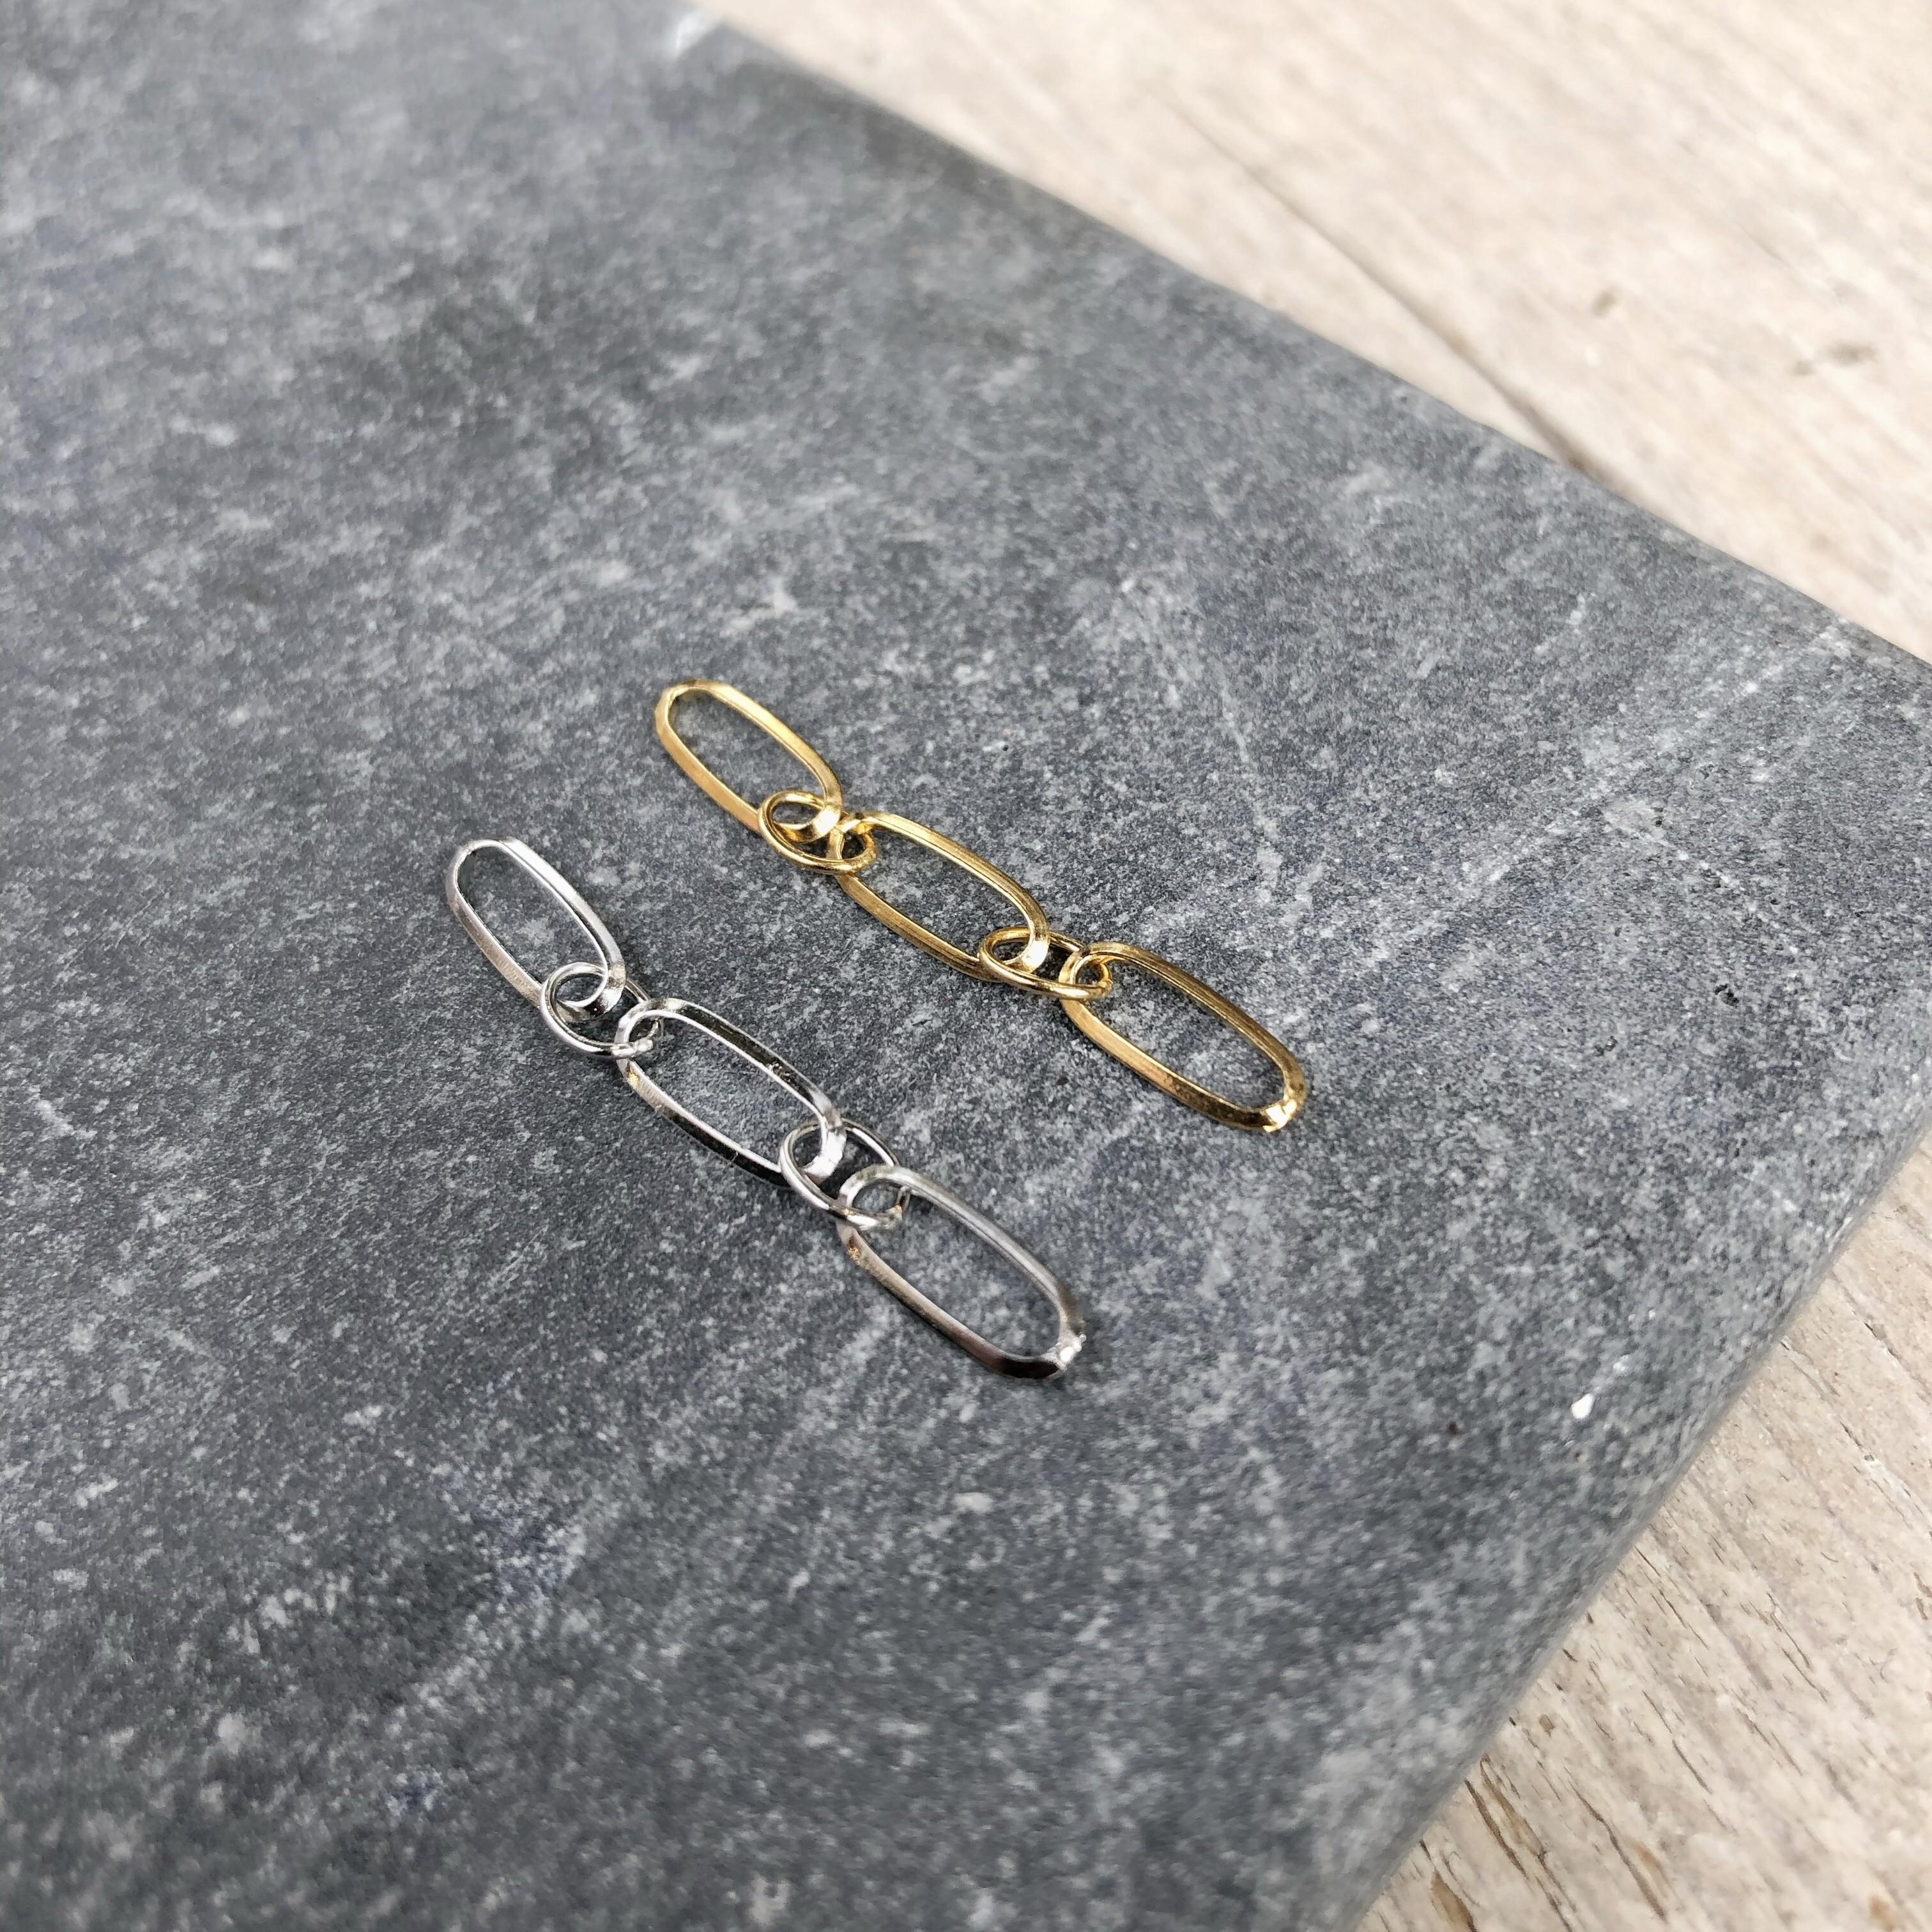 stainless-steel-schakel-hanger-3cm-zilver-goud-per-stuk